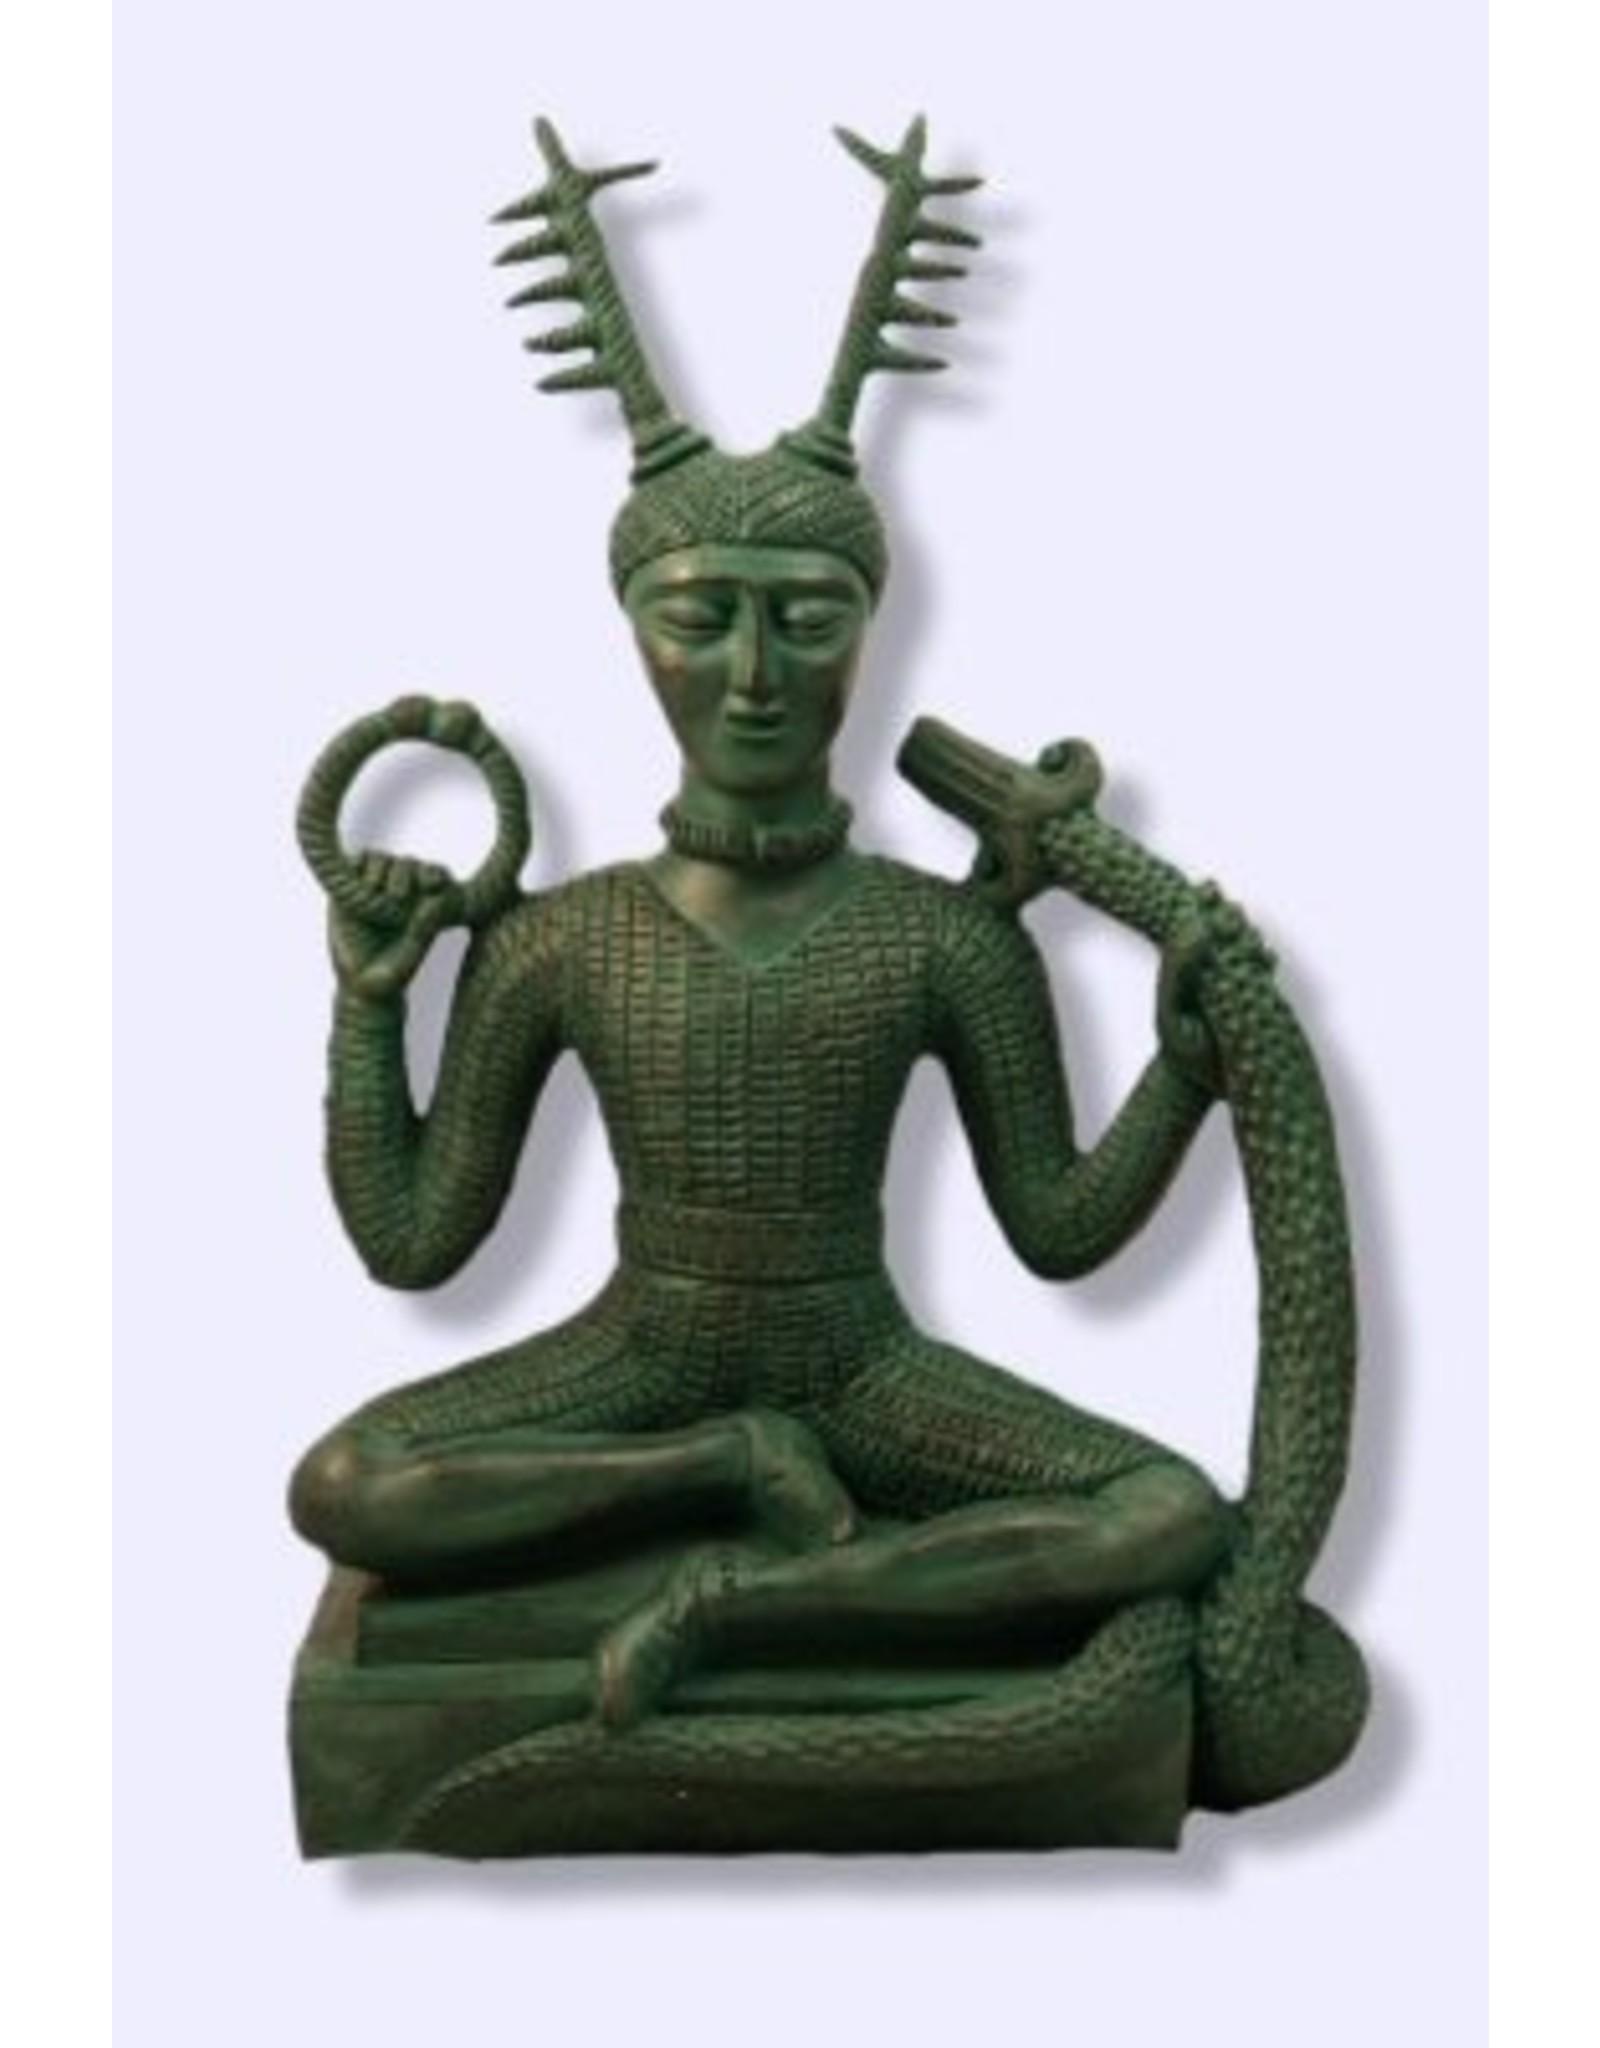 Gundestrup Cernunnos Statue 10 inches